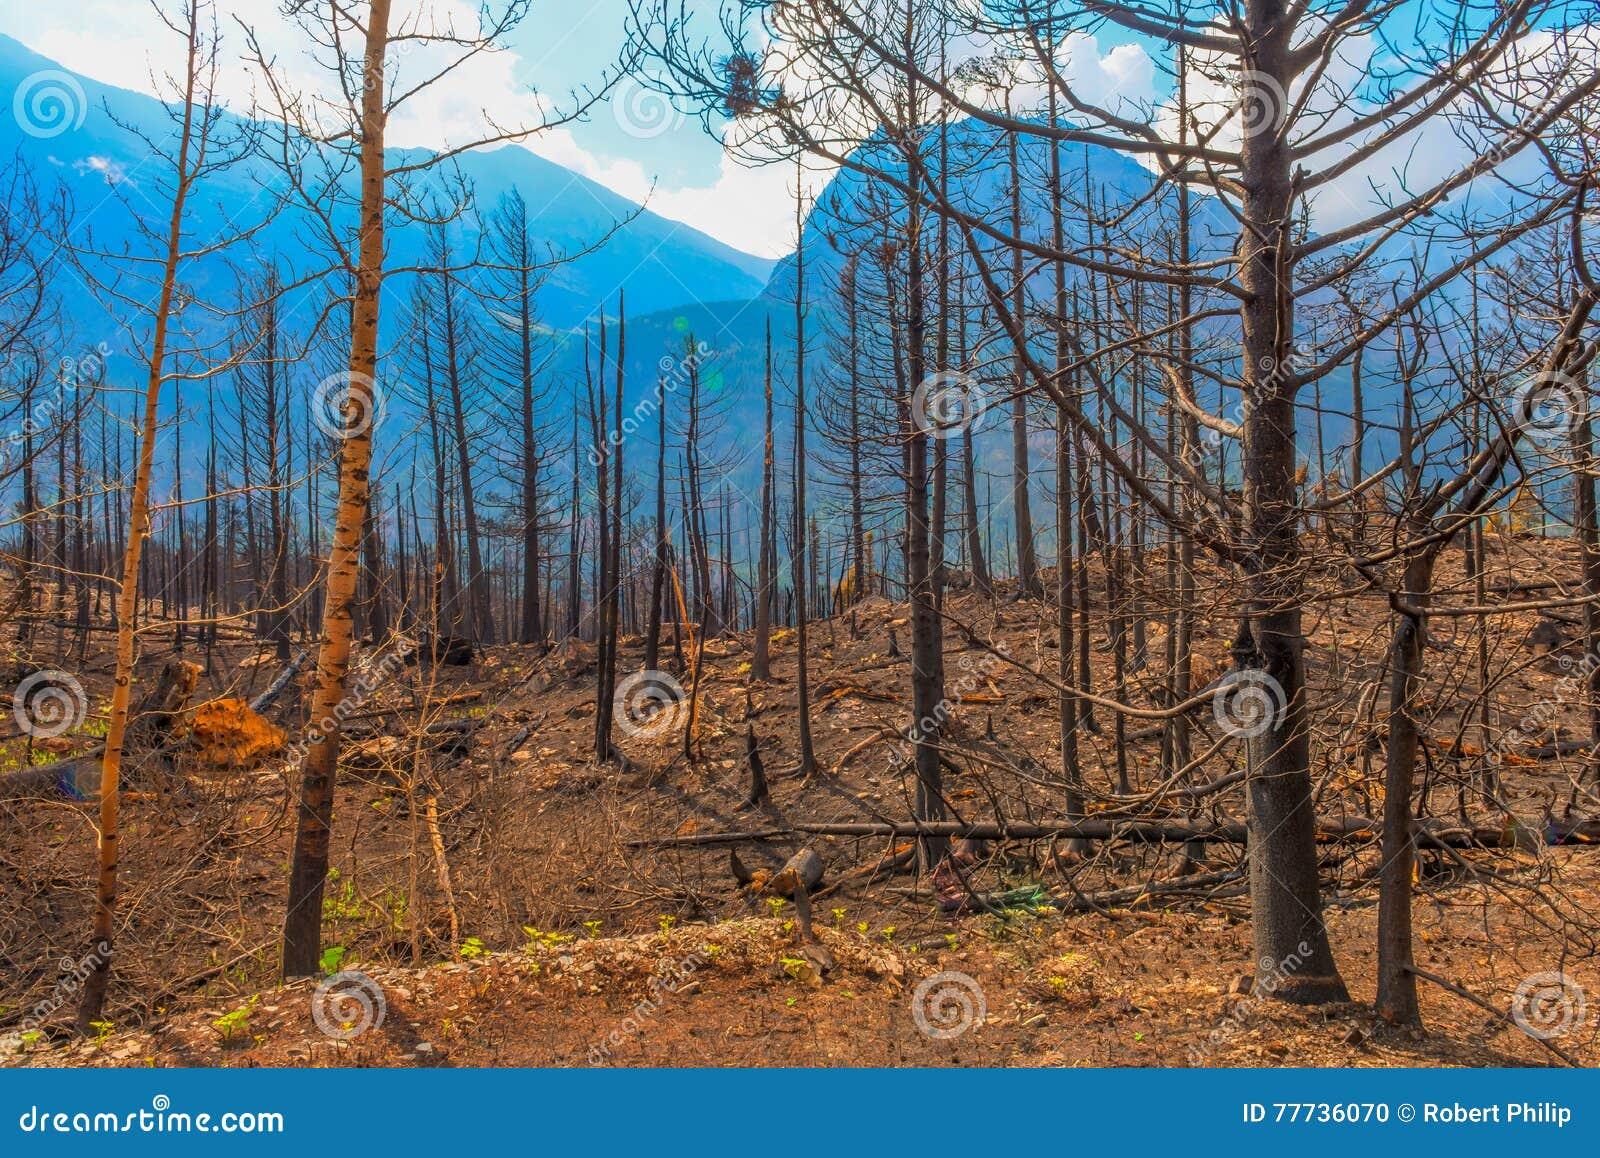 Consequências do parque 2015 nacional de geleira de Reynolds Creek Wildland Forest Fire